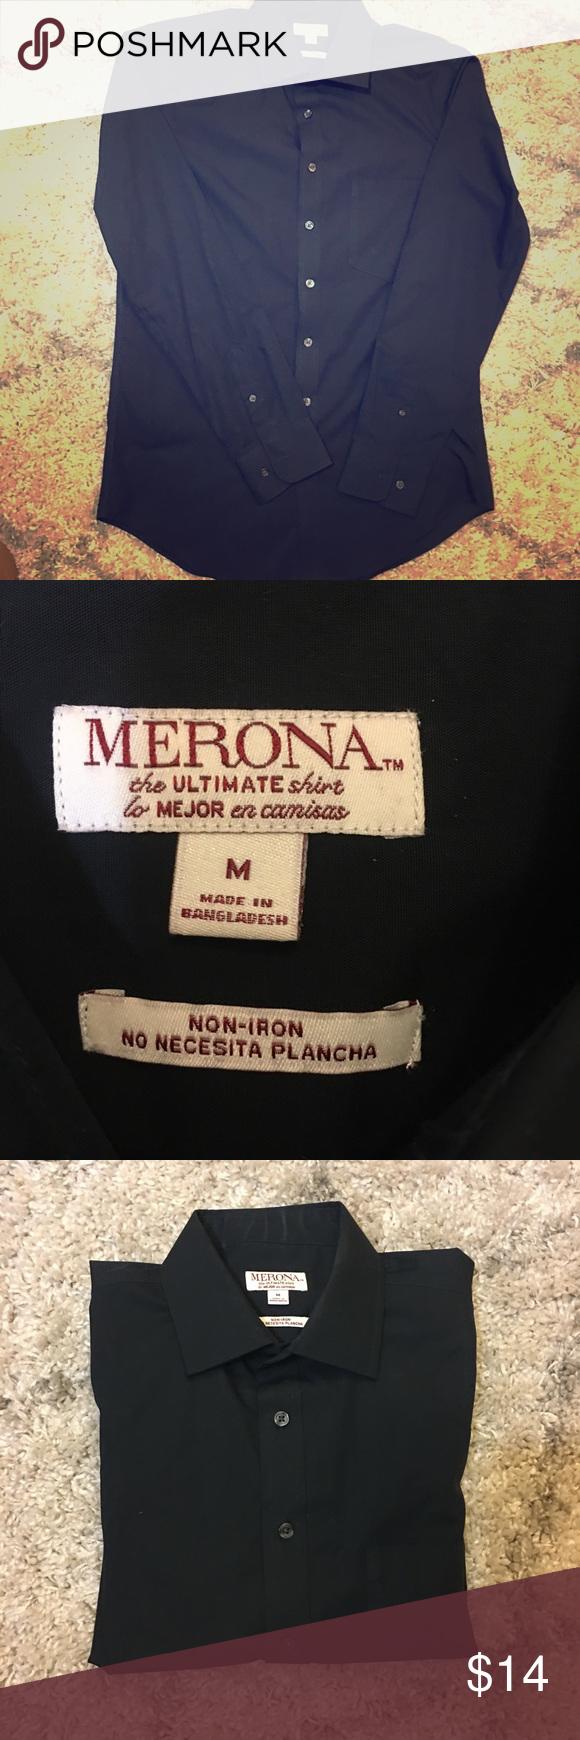 27be245bf92f980b8ea9b55b0f5e5460 - How To Get Iron Marks Out Of Black Clothes